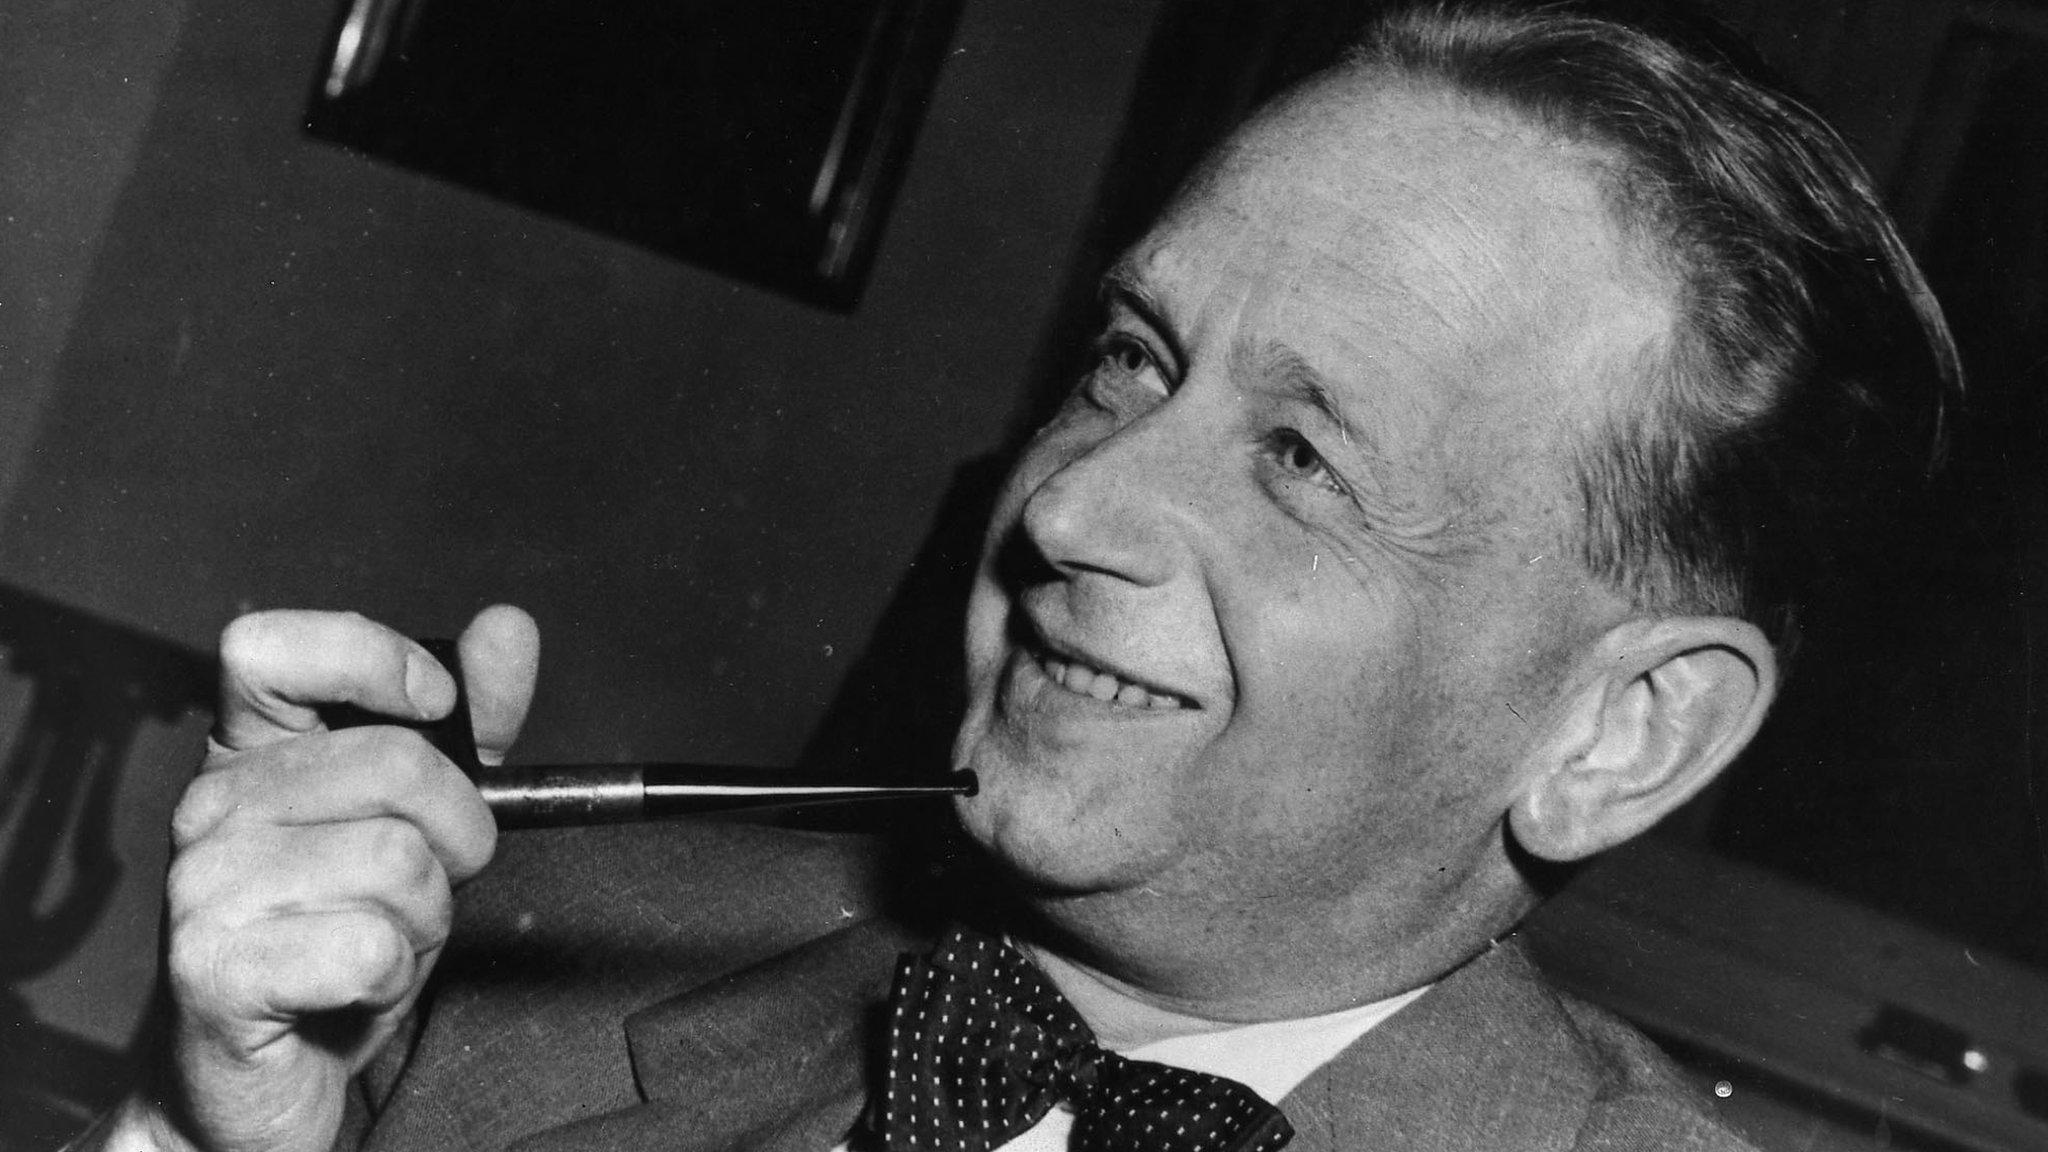 Hammarskjold death: UN asked to launch fresh inquiry